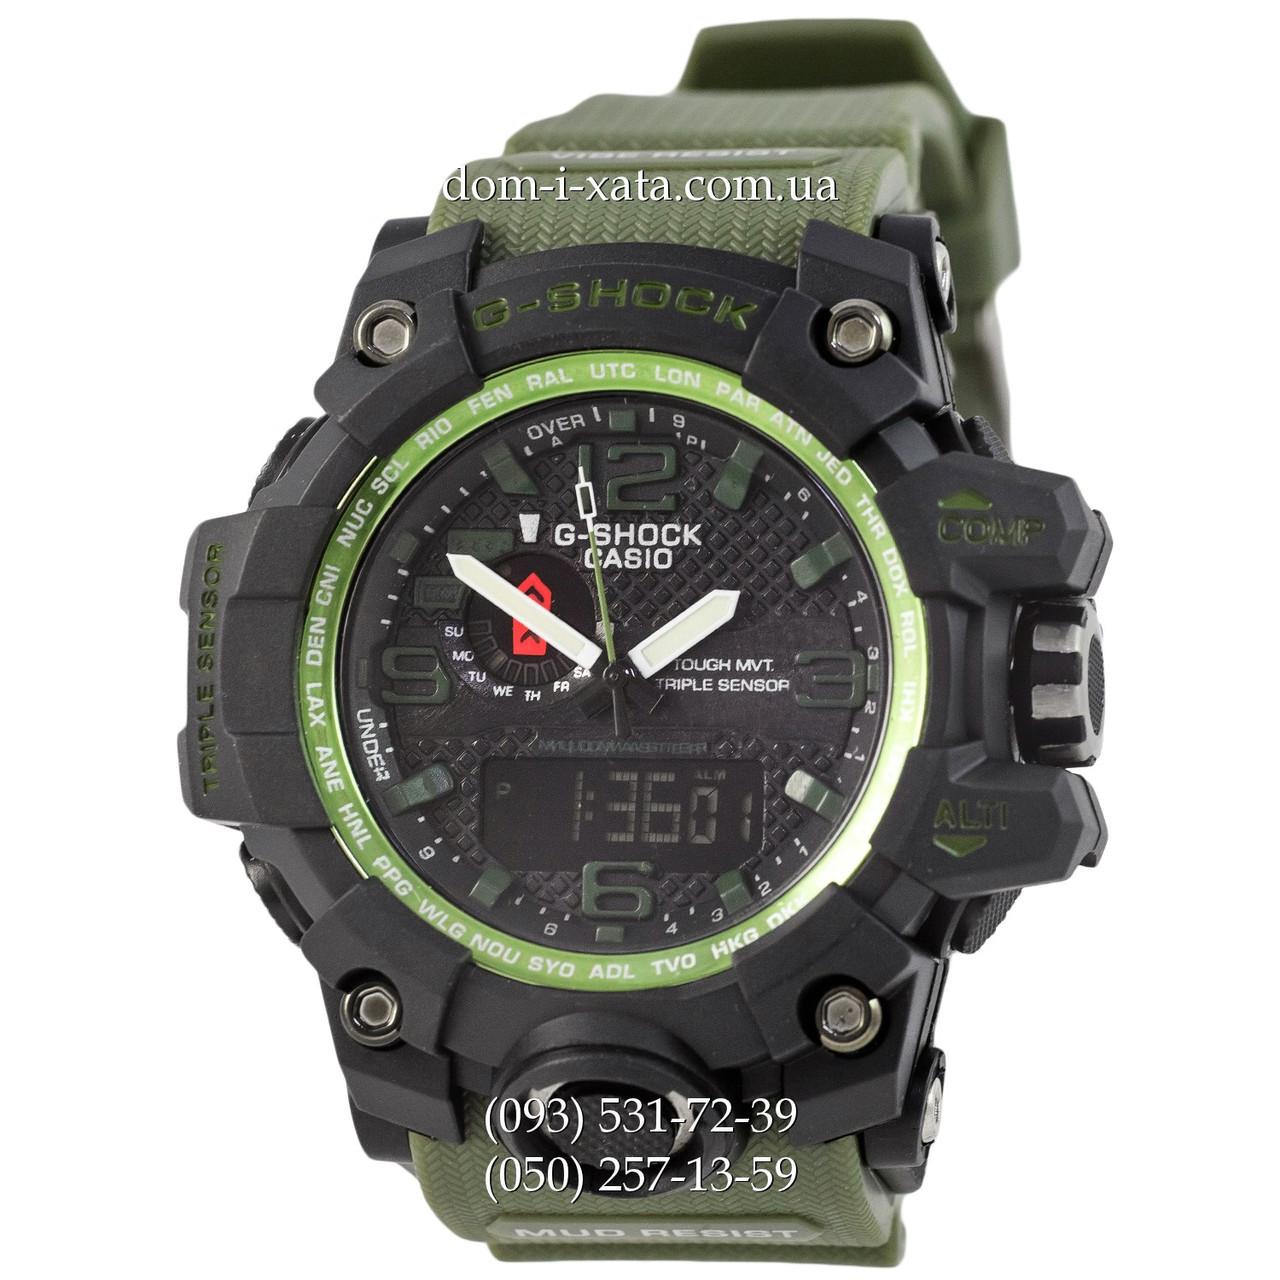 Электронные часы Casio G-Shock GWG-1000 Black-Militari Wristband, спортивные часы Джи Шок черный-зеленый, реплика отличное качество!